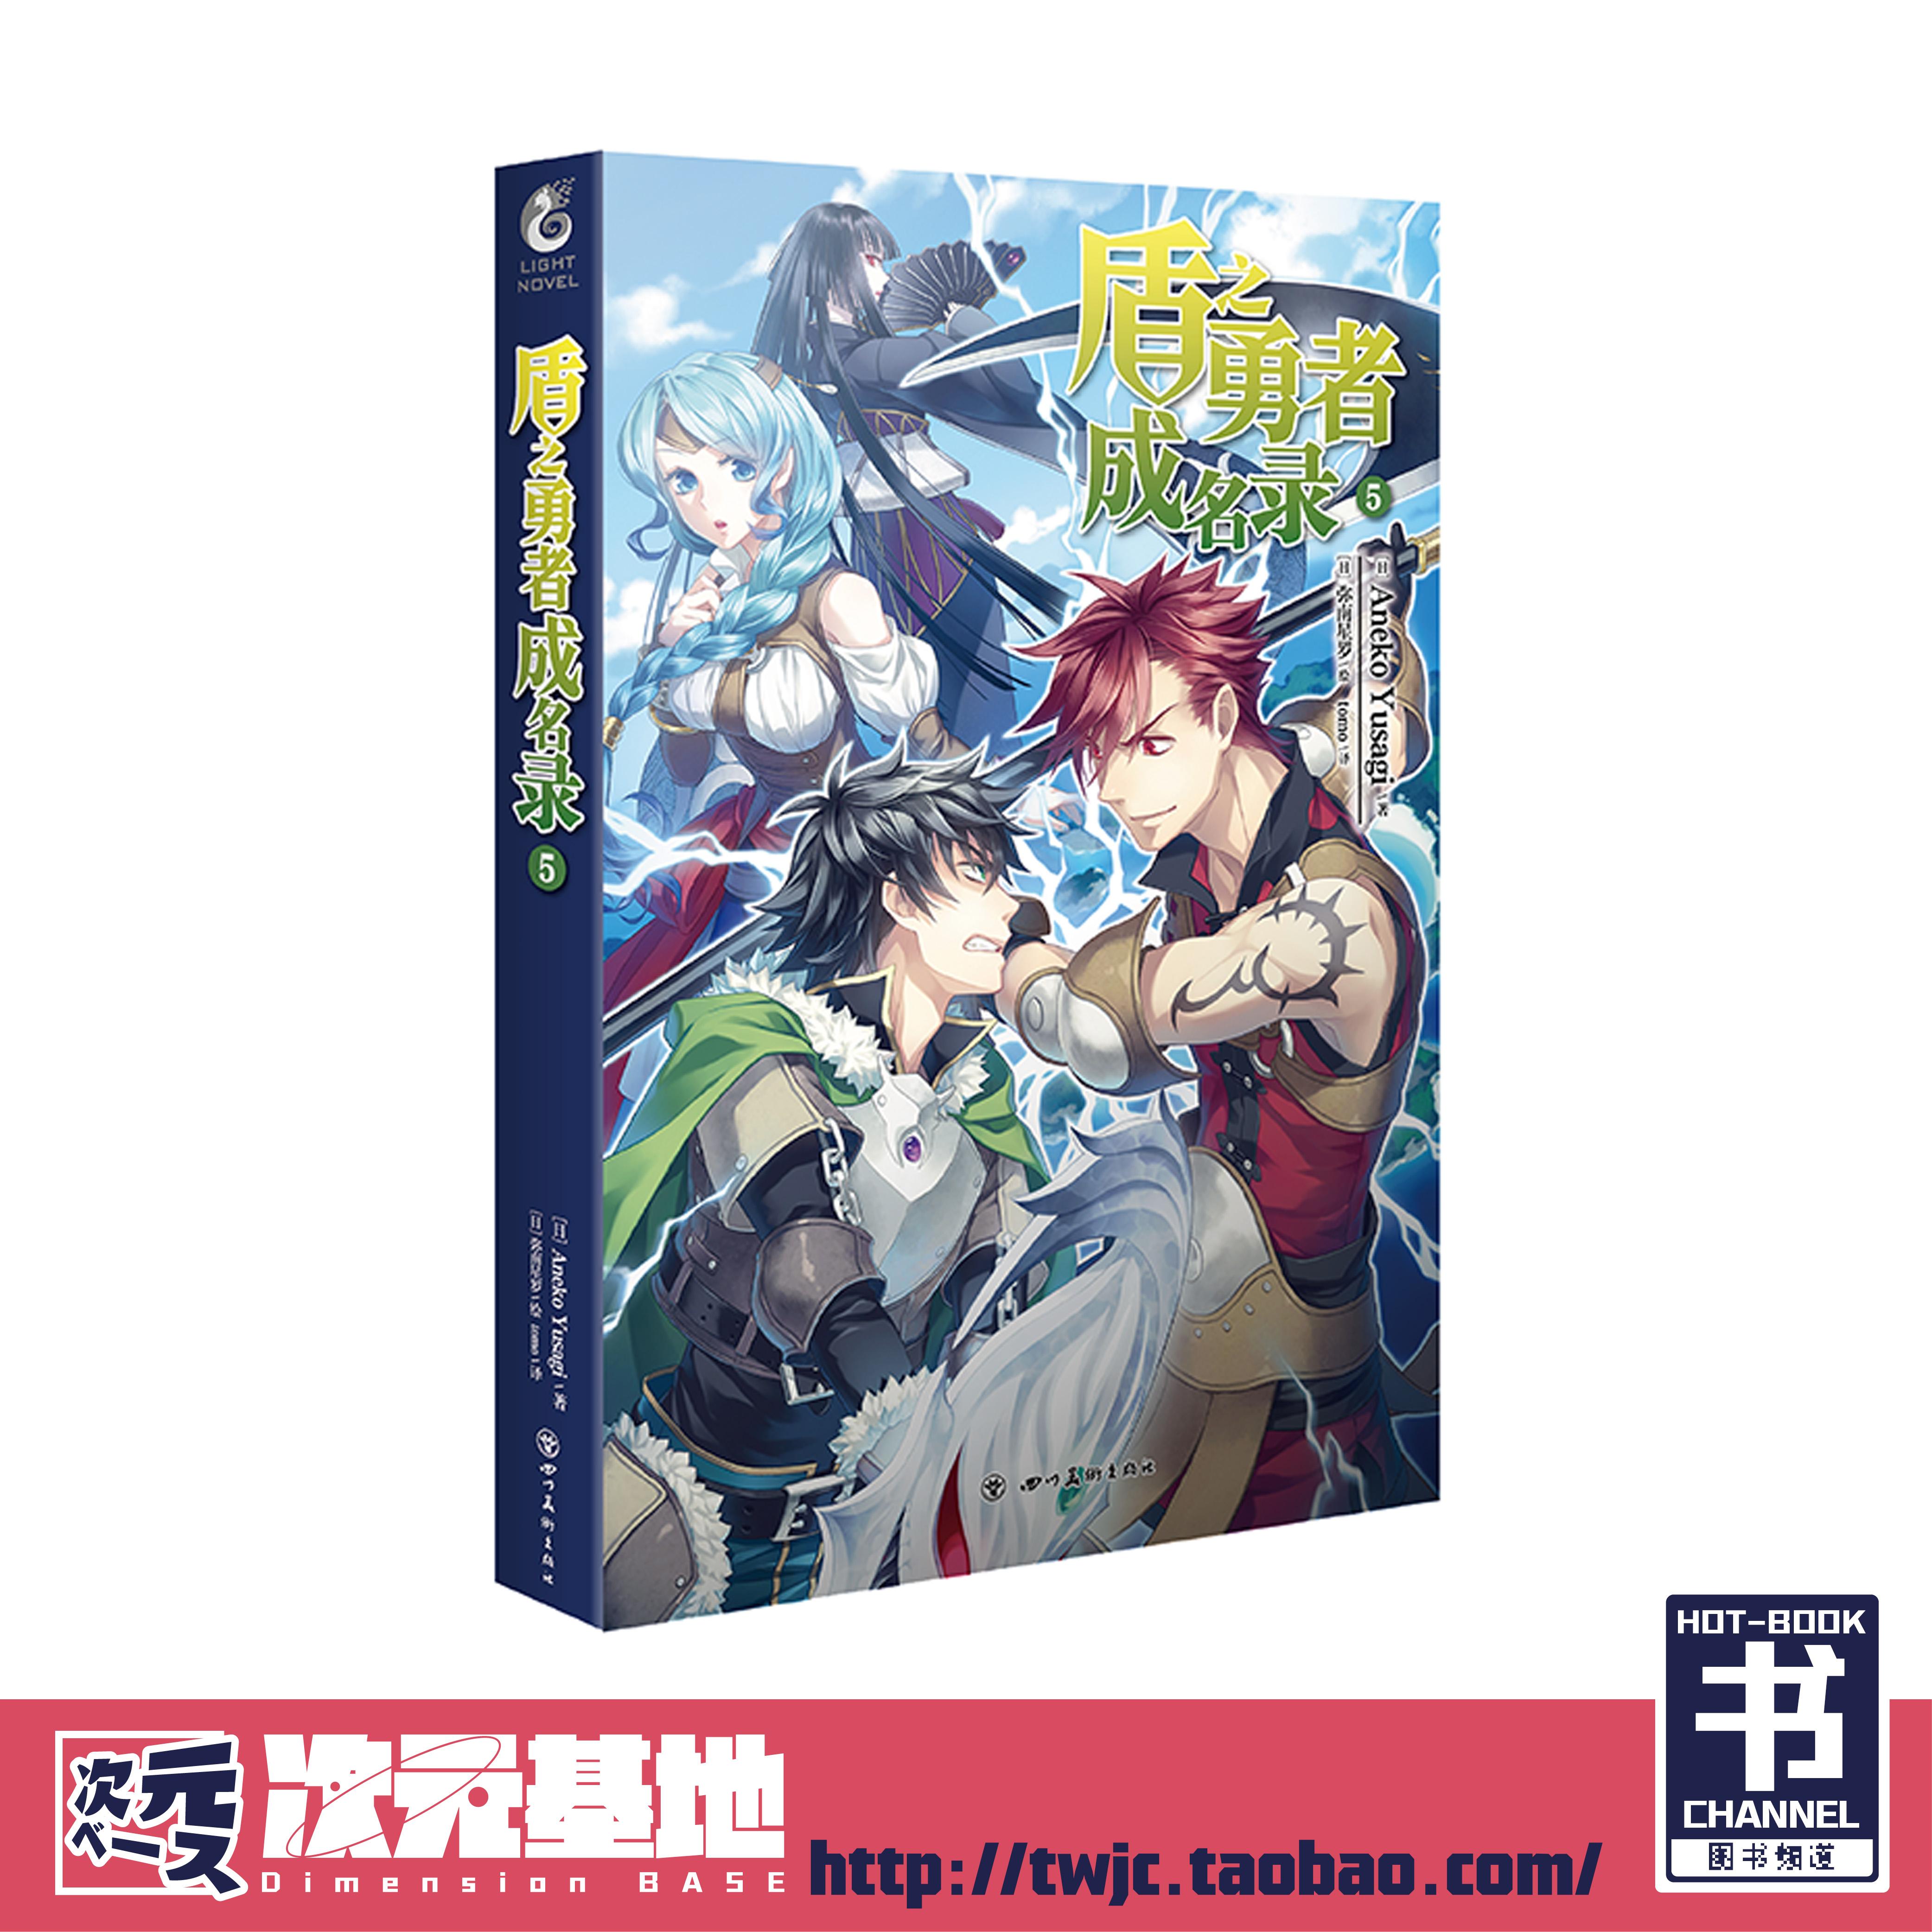 盾之勇者成名录5 小说 Aneko Yusagi 天闻角川轻小说 正版图书